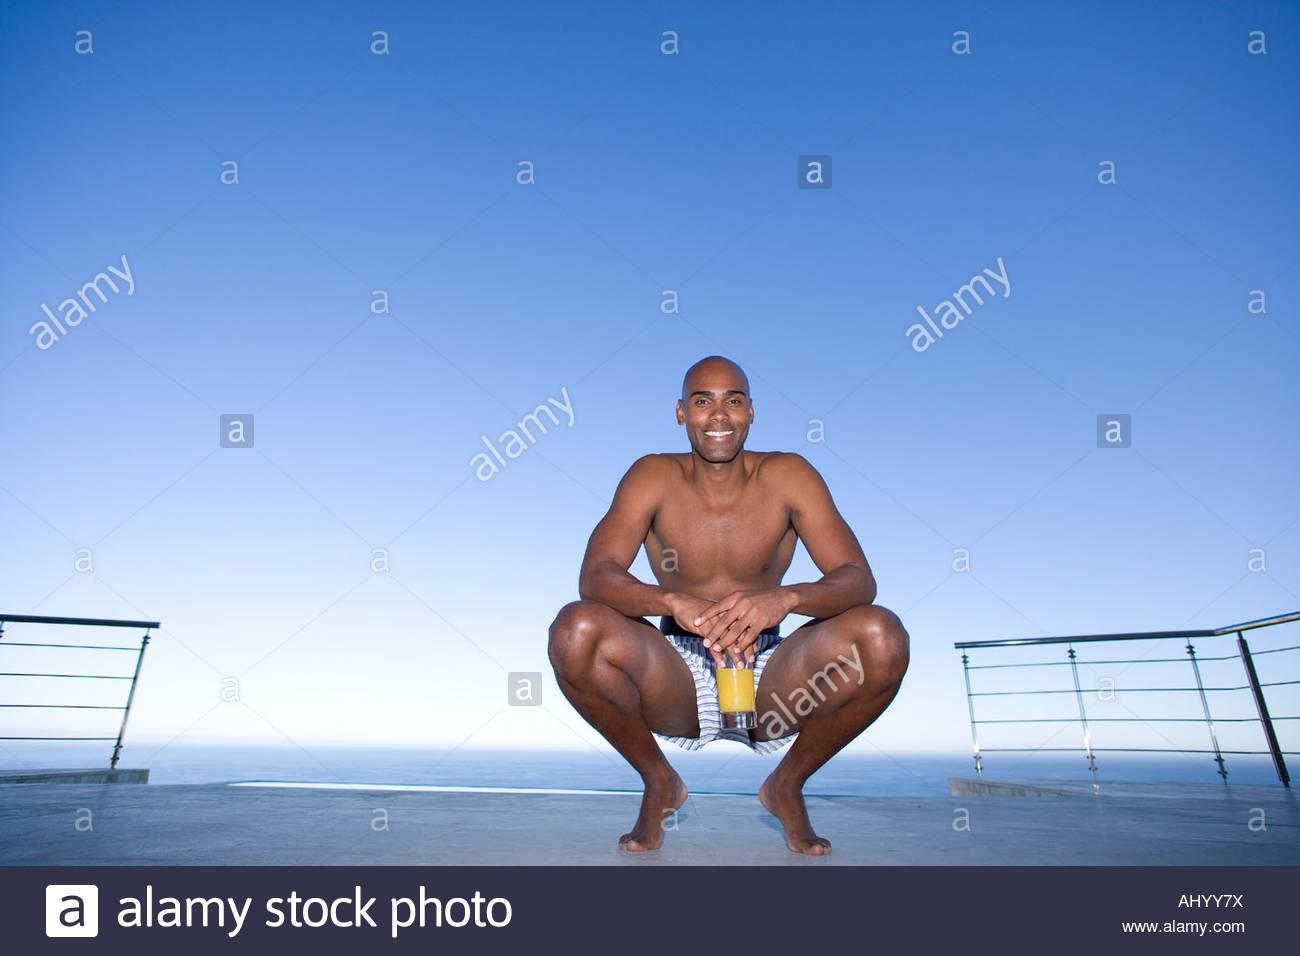 Junger Mann kauert am Boden durch Meer, Lächeln, Porträt Stockbild